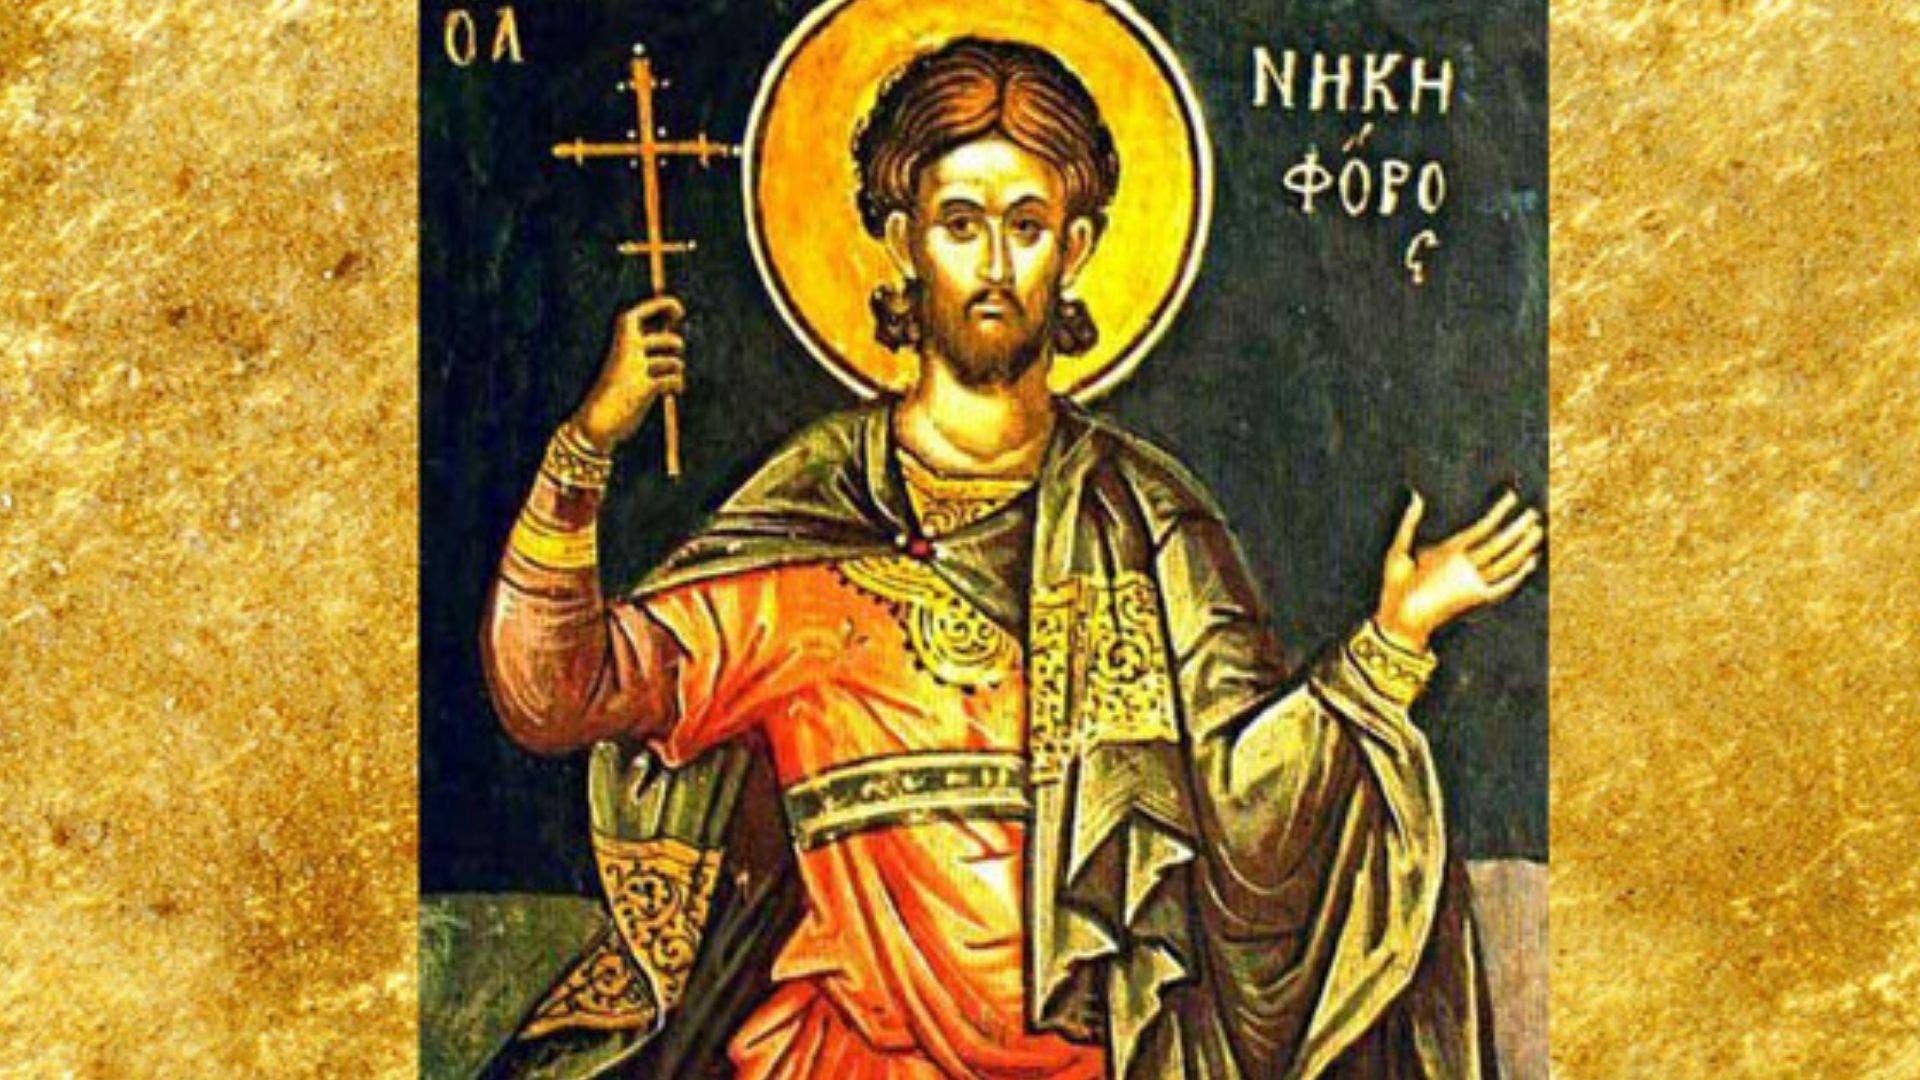 Imagini pentru calendar ortodox 9 februarie 2020 photos